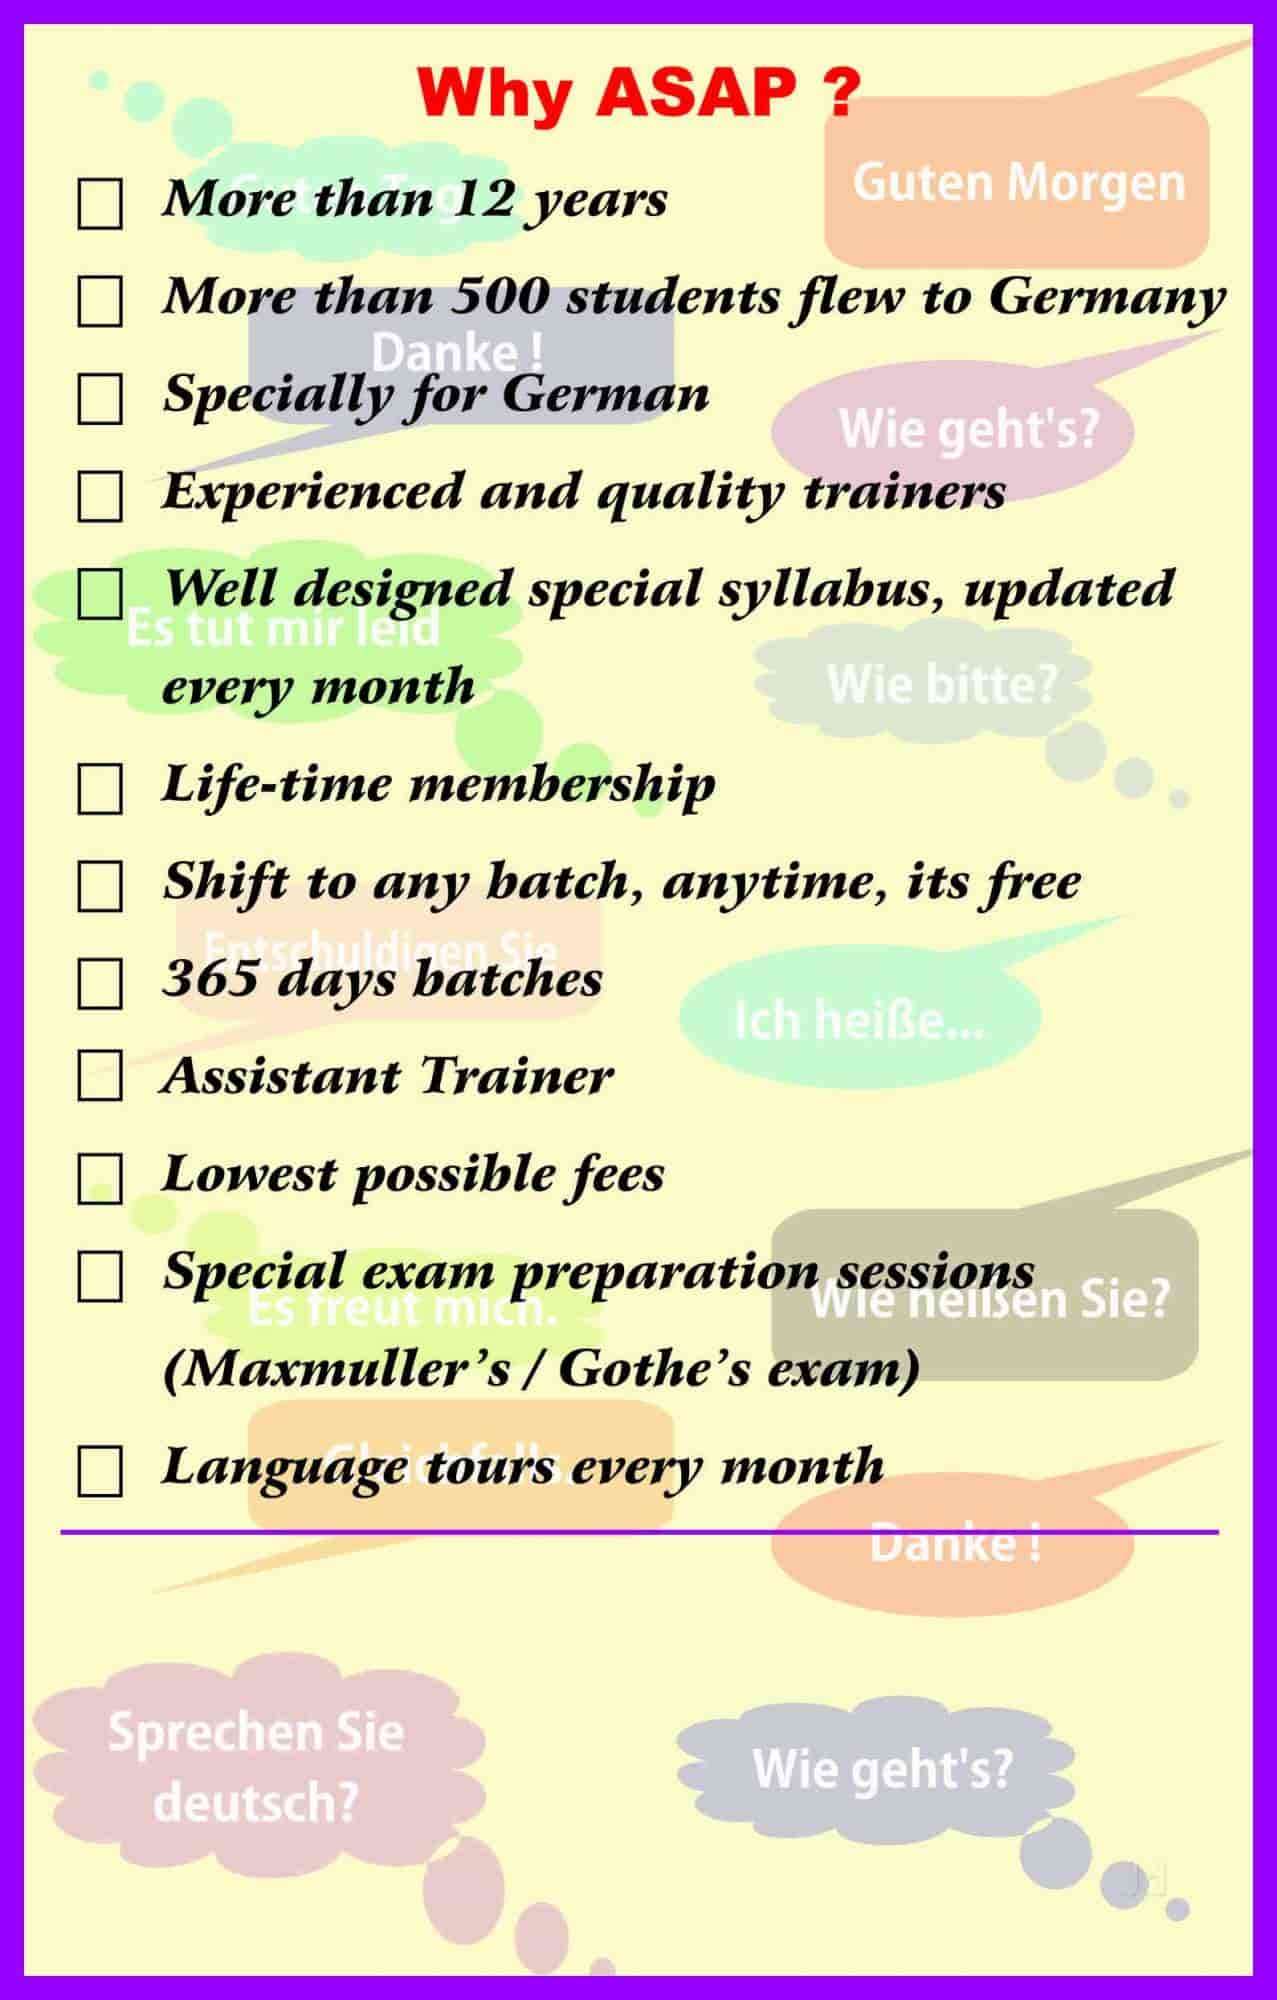 freut mich in german